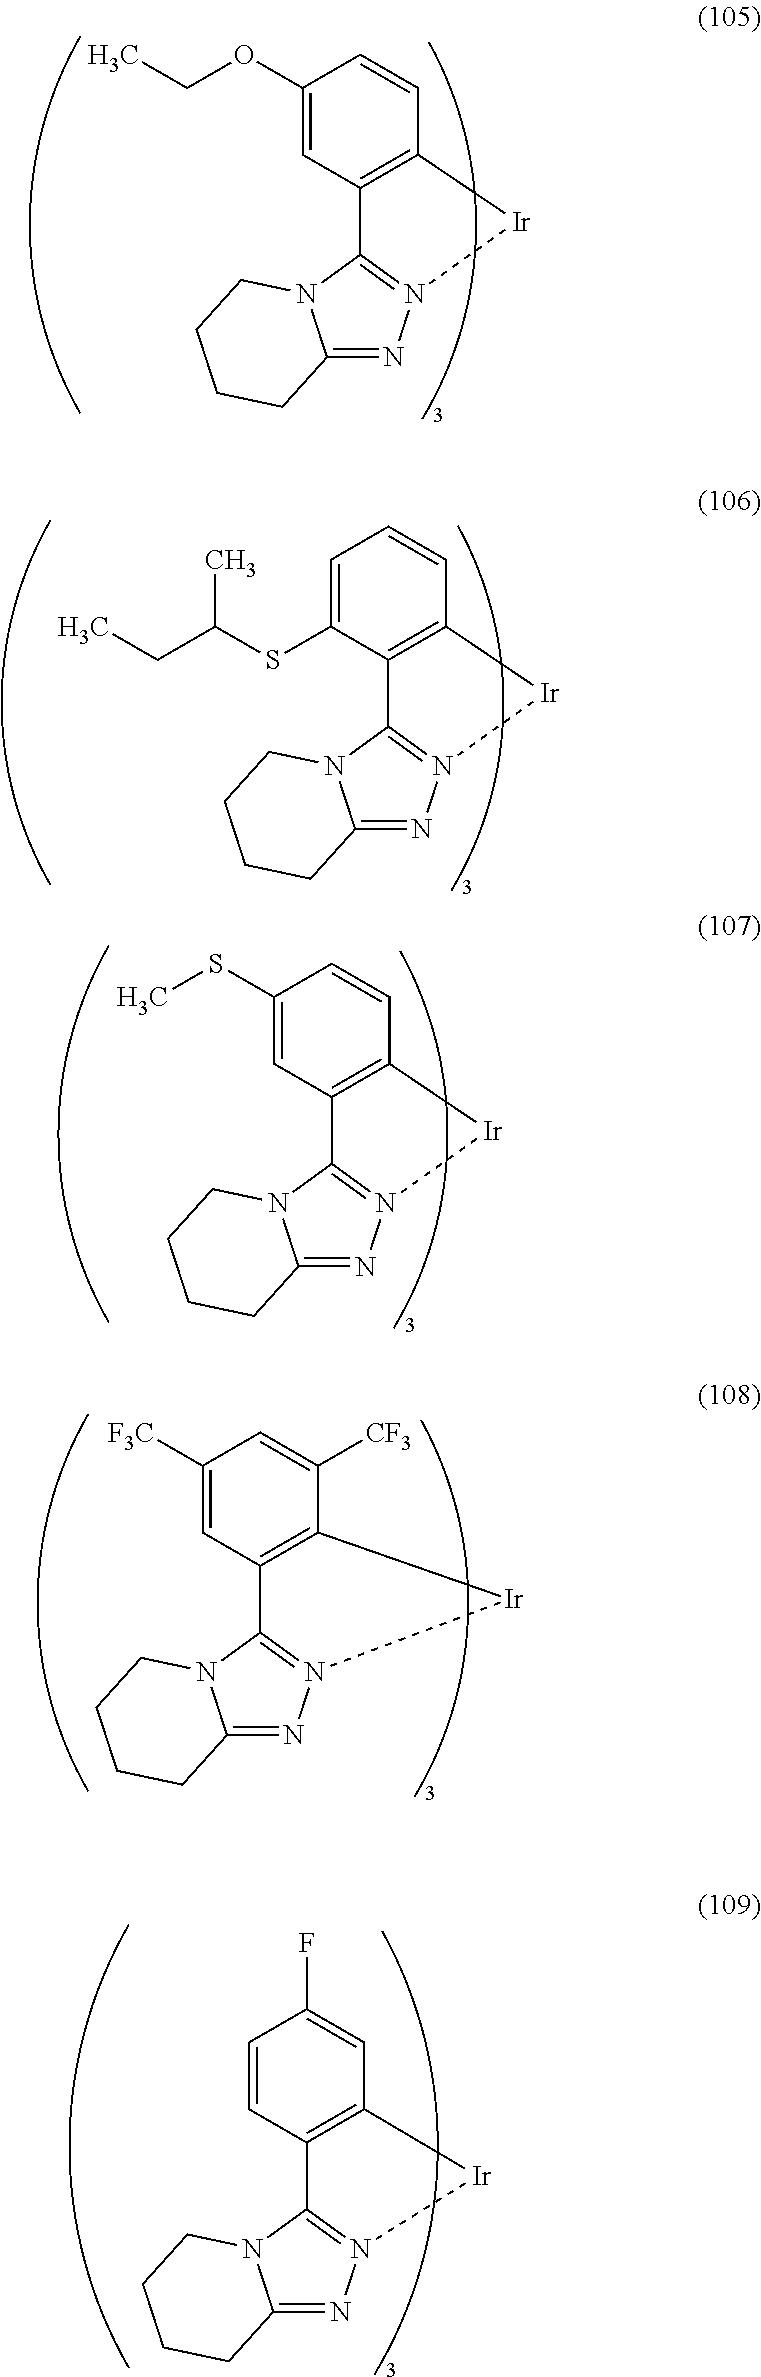 Figure US09741946-20170822-C00011